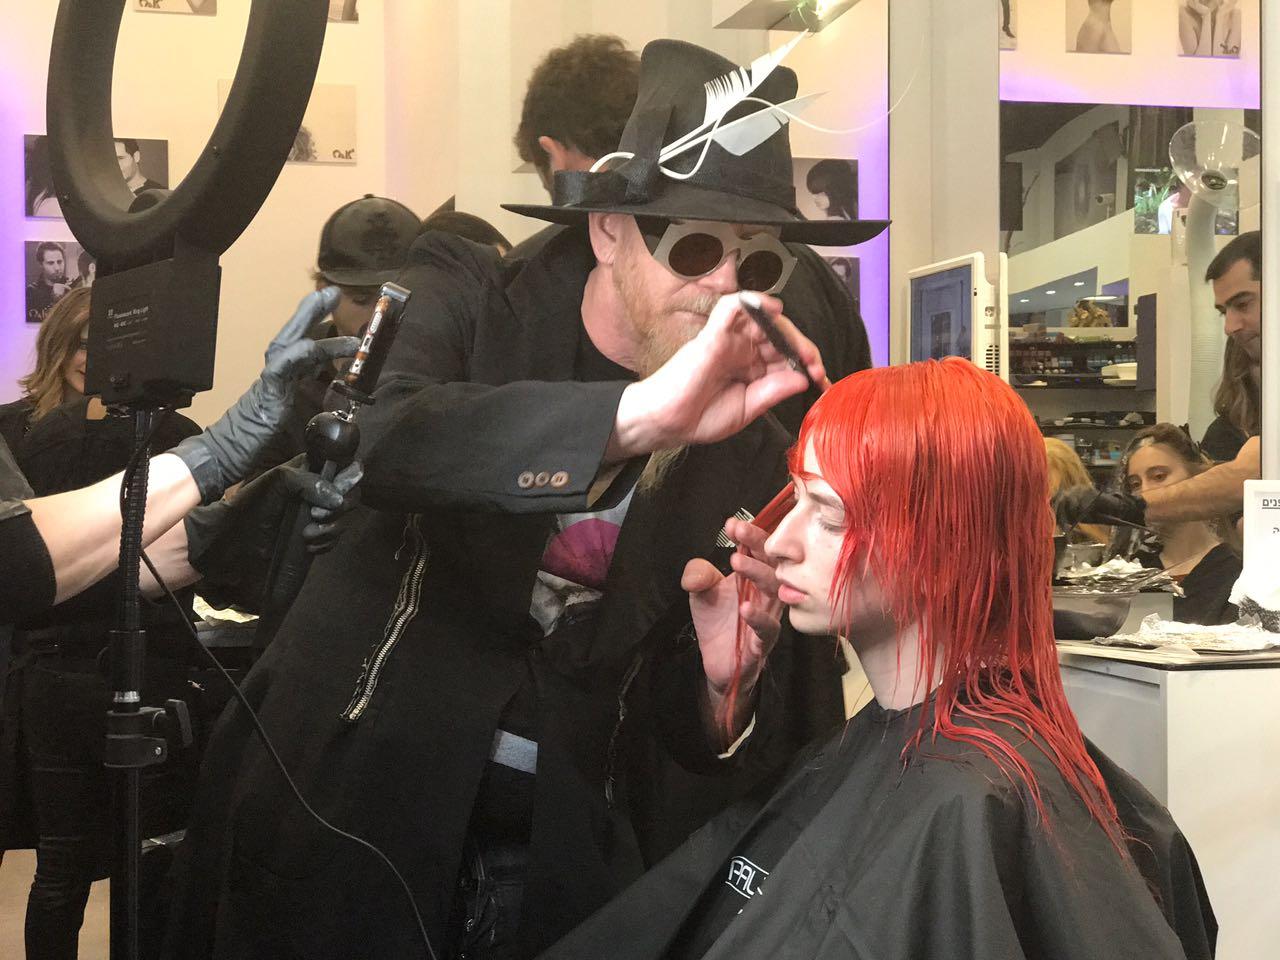 מעצב השיער רוברט קרומינס מאחורי הקלעים לקראת ההופעה.